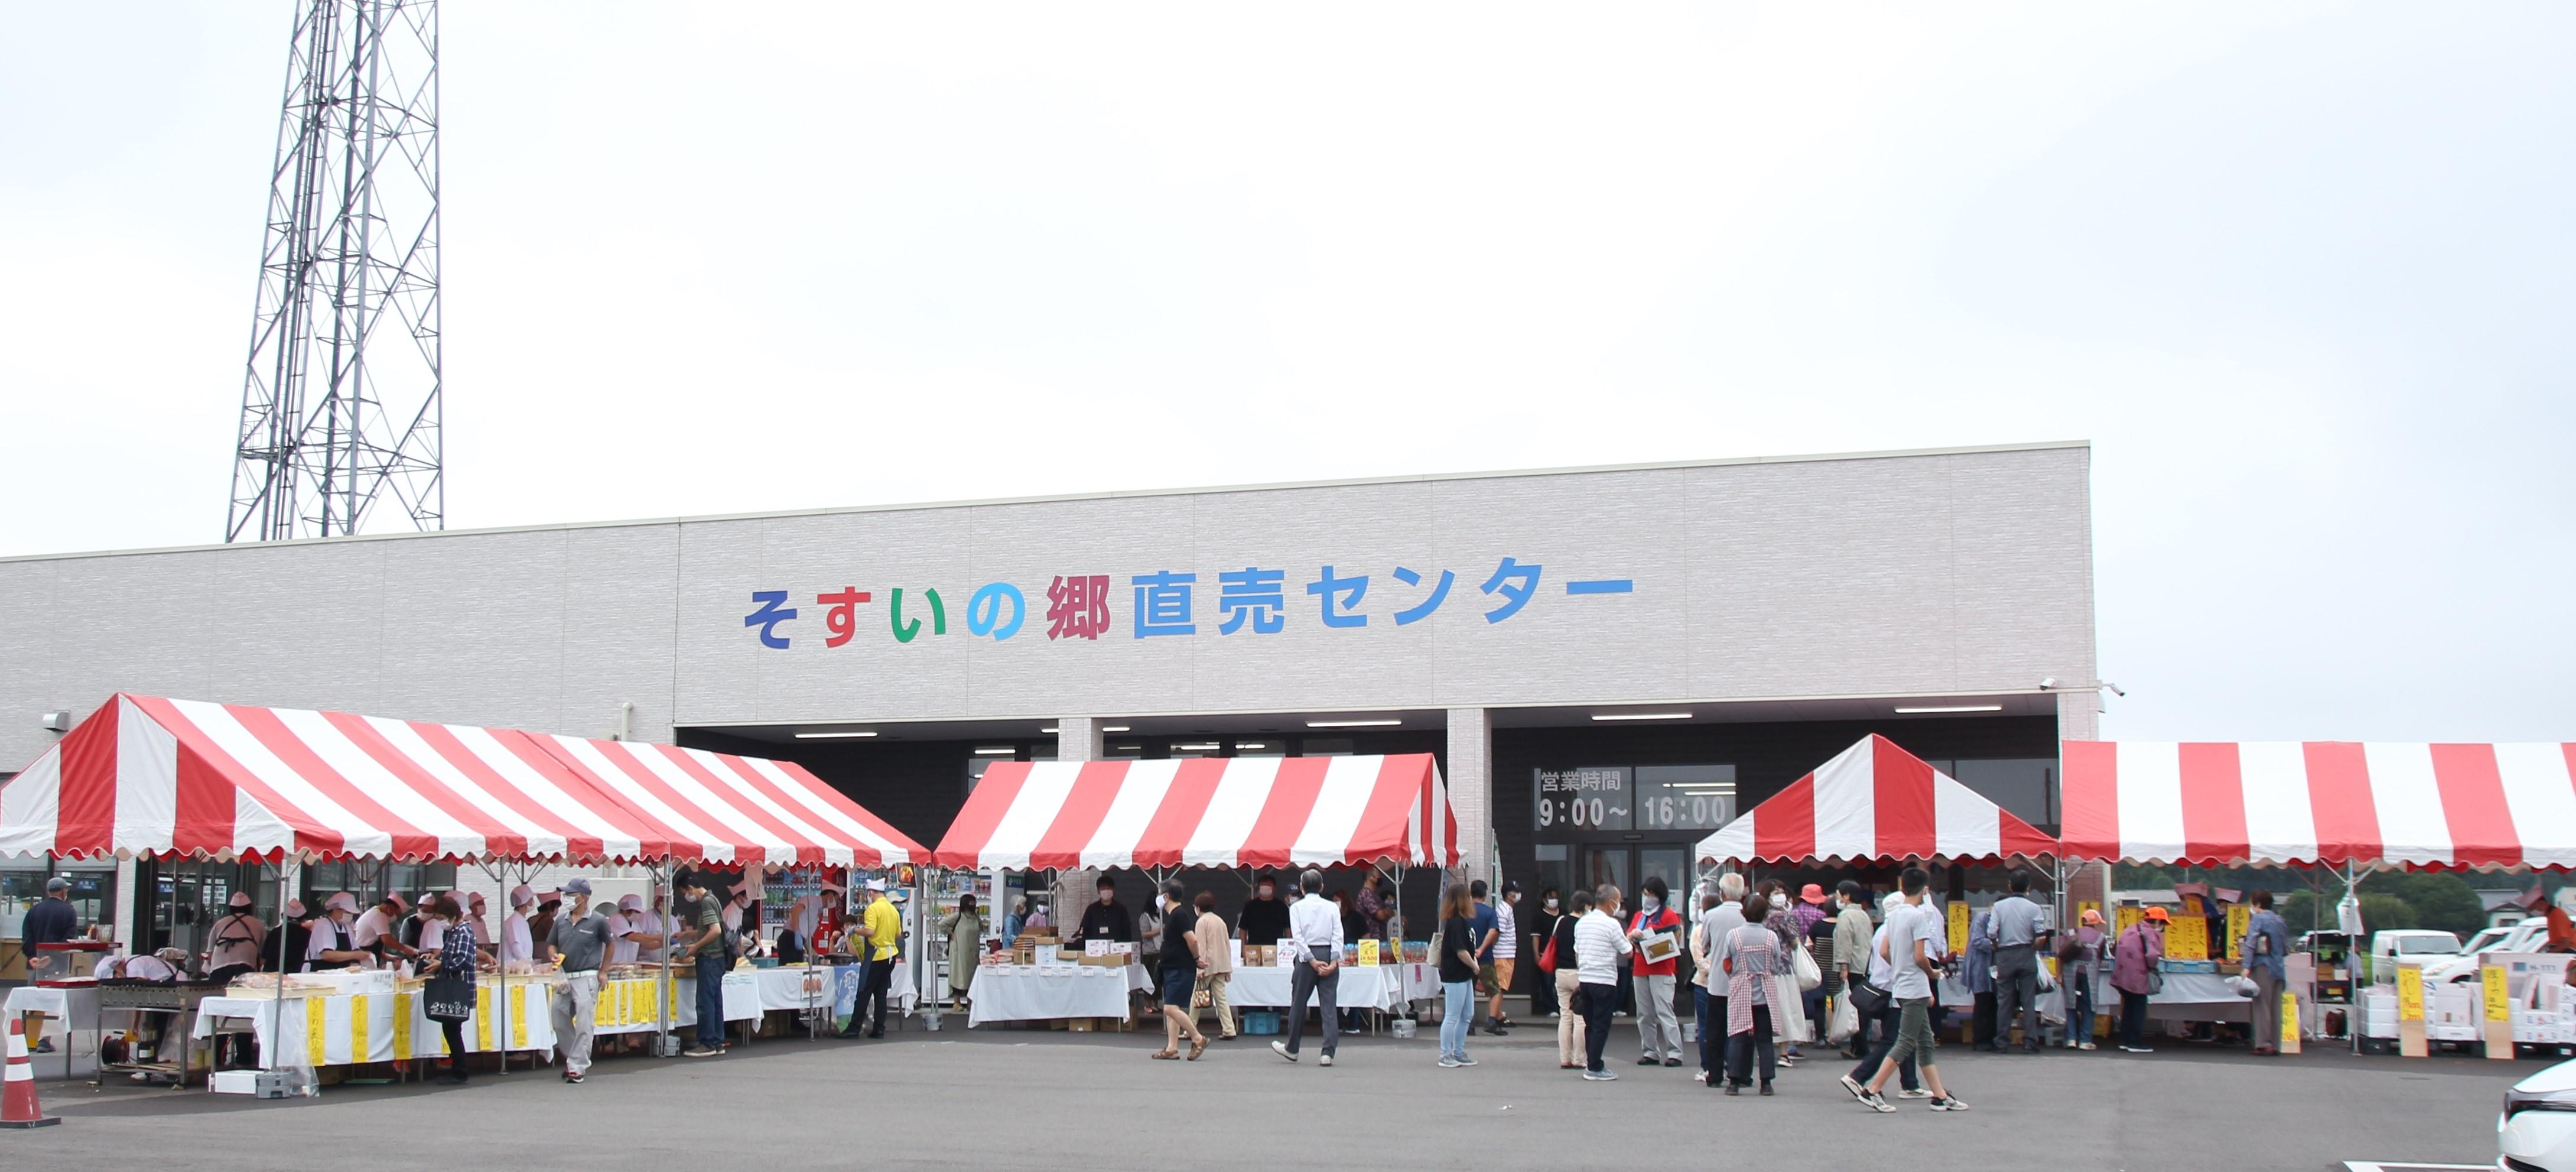 栃木 那須塩原市 テント イベント